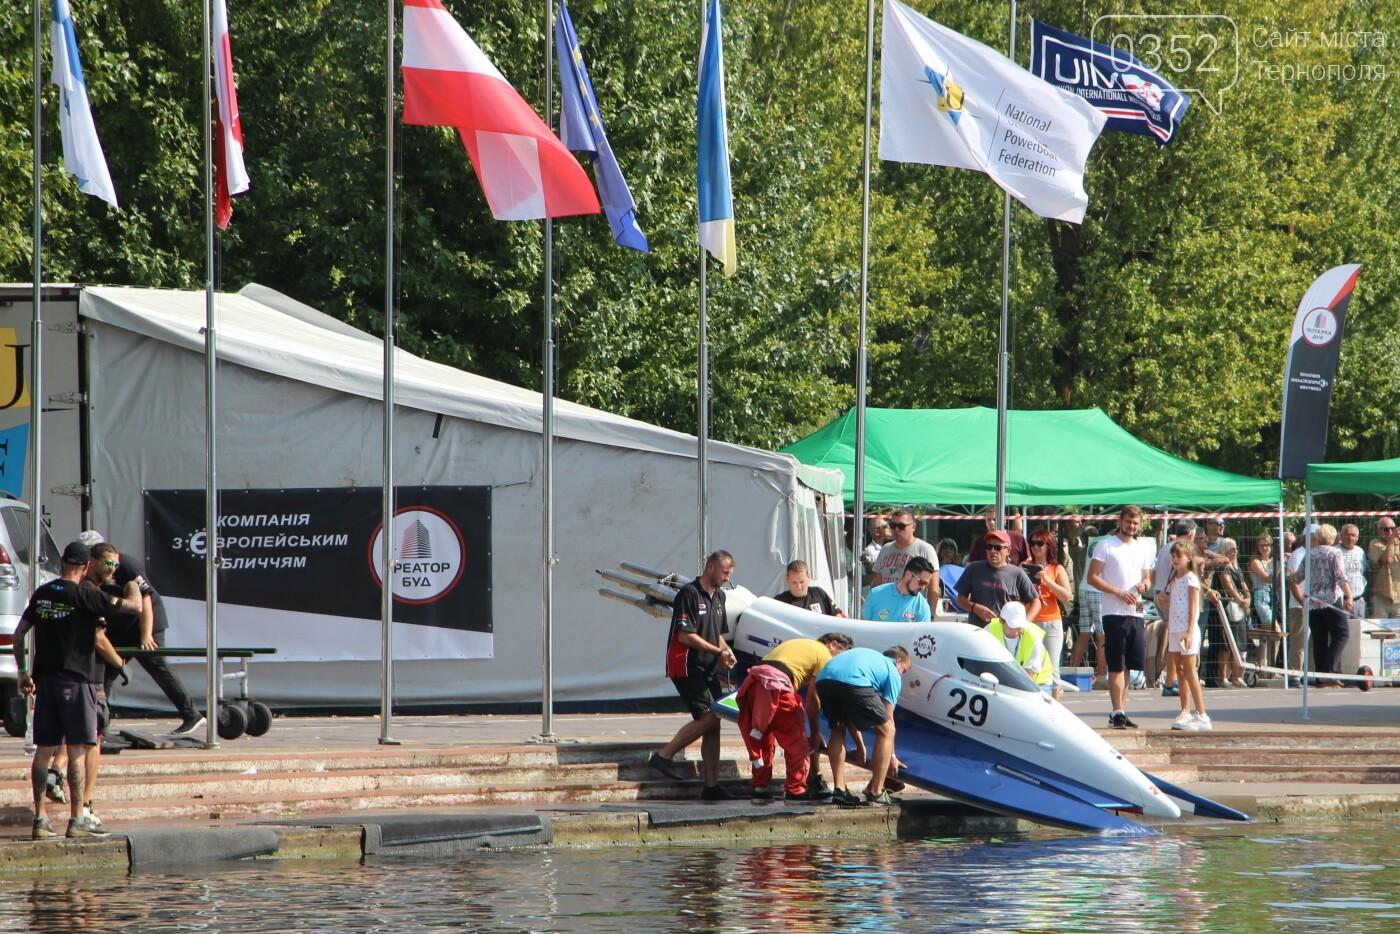 За підтримки Креатор-Буд у Тернополі відбувся Чемпіонат світу з водно-моторного спорту, фото-2